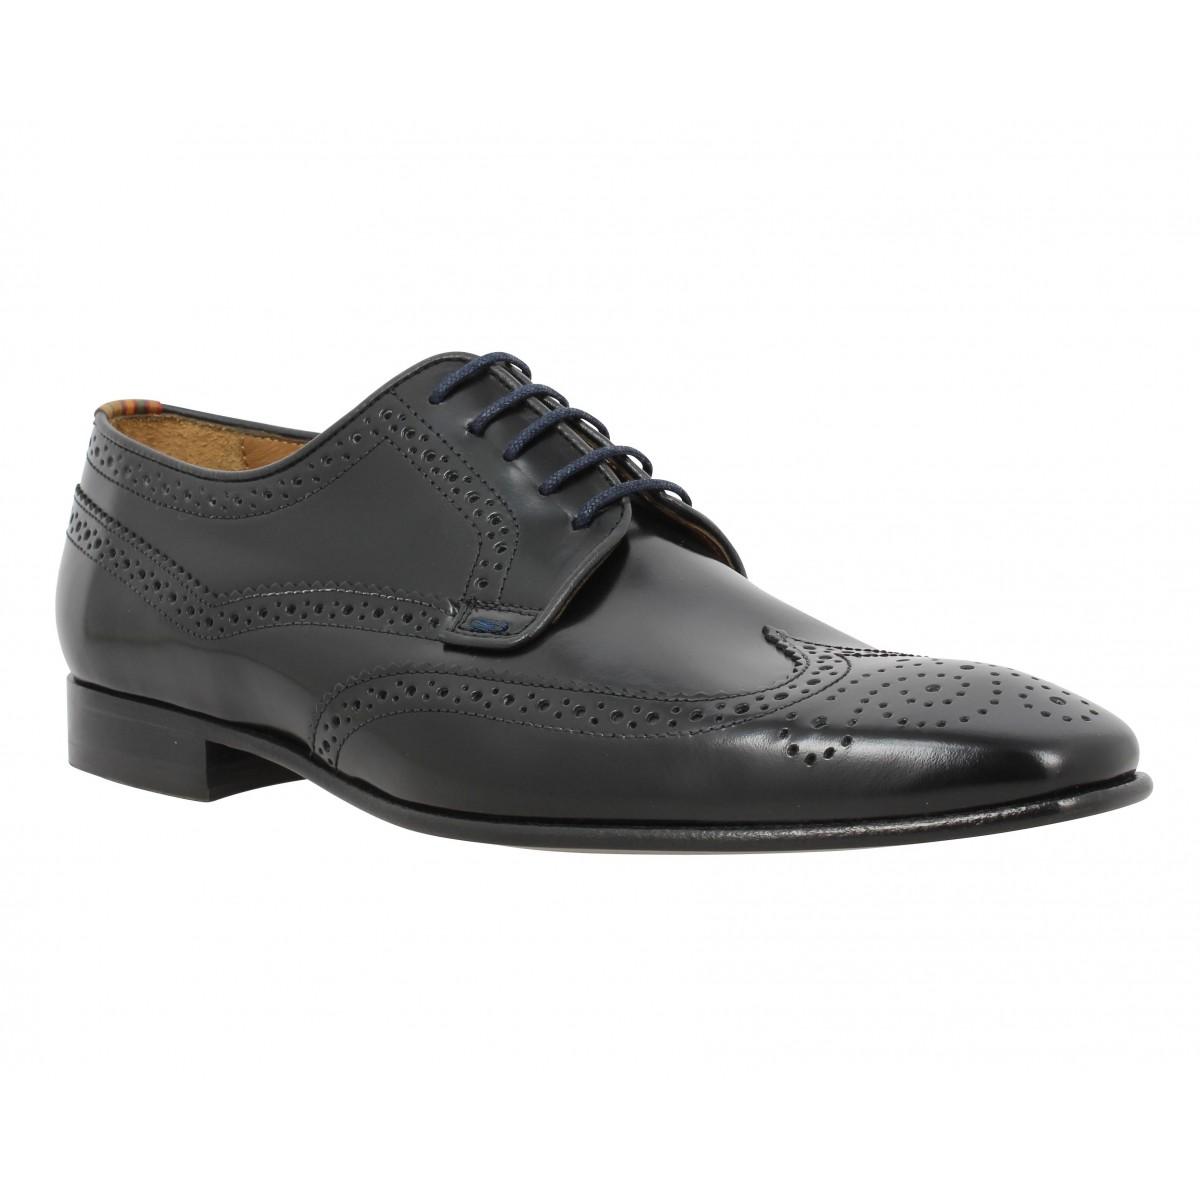 Chaussures à lacets PAUL SMITH Aldrich cuir Homme Noir